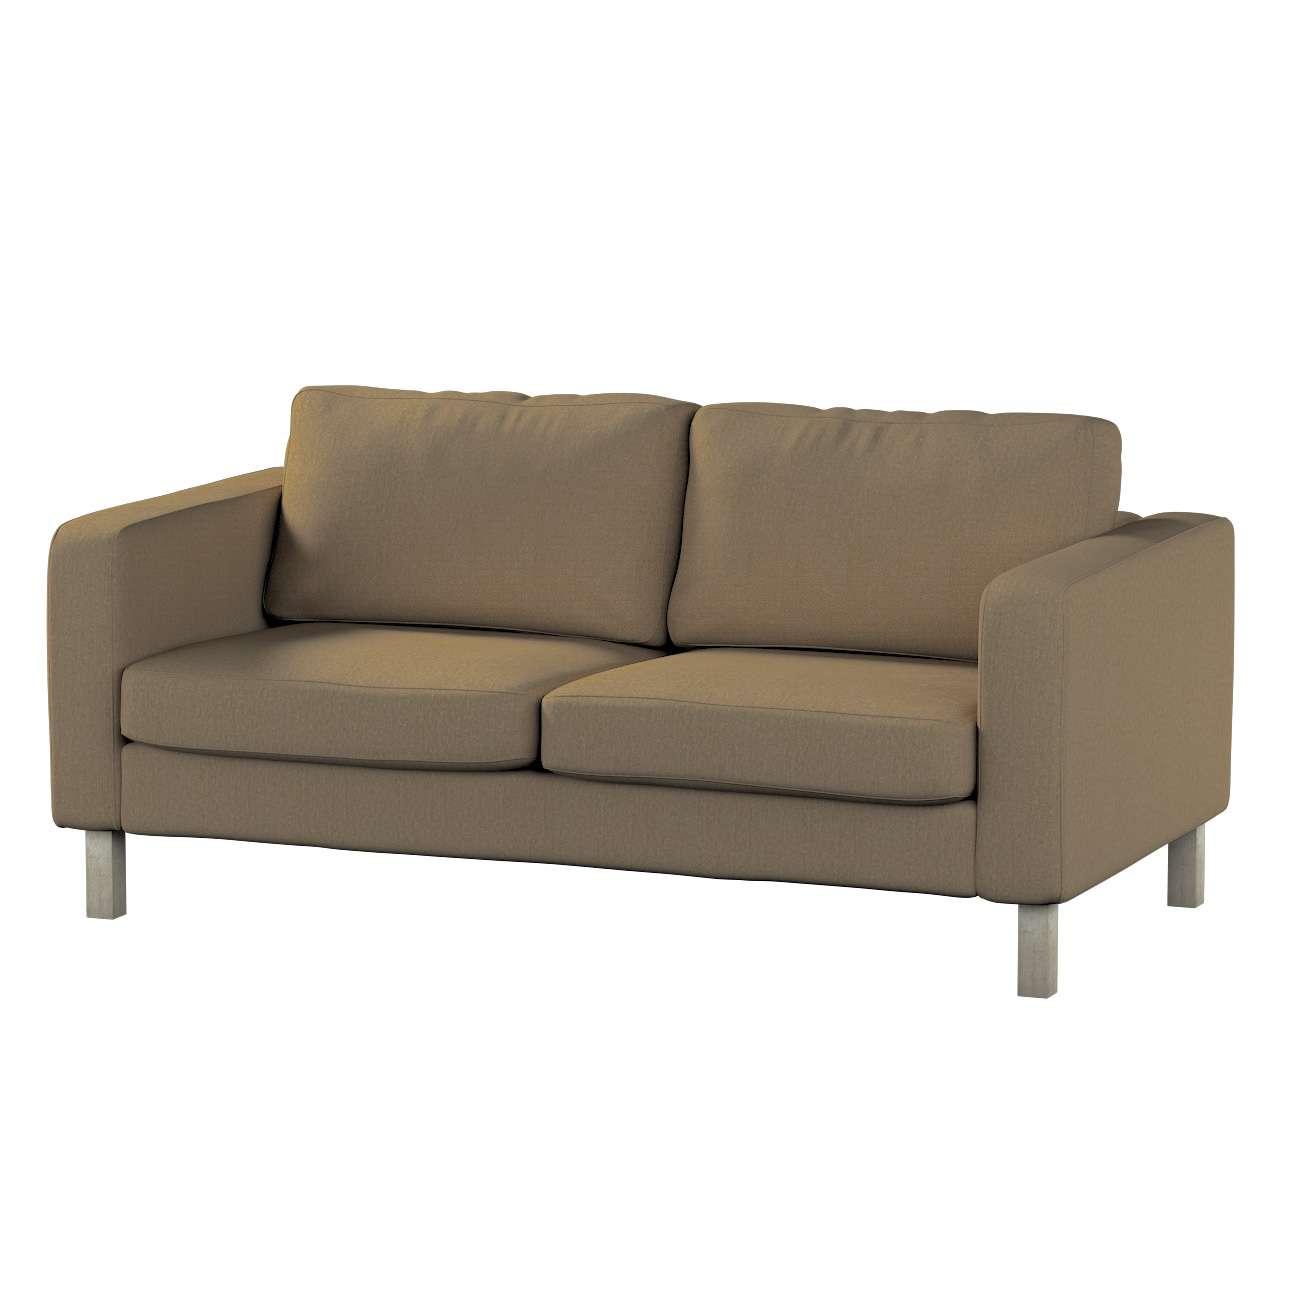 Pokrowiec na sofę Karlstad 2-osobową nierozkładaną krótki w kolekcji Chenille, tkanina: 702-21